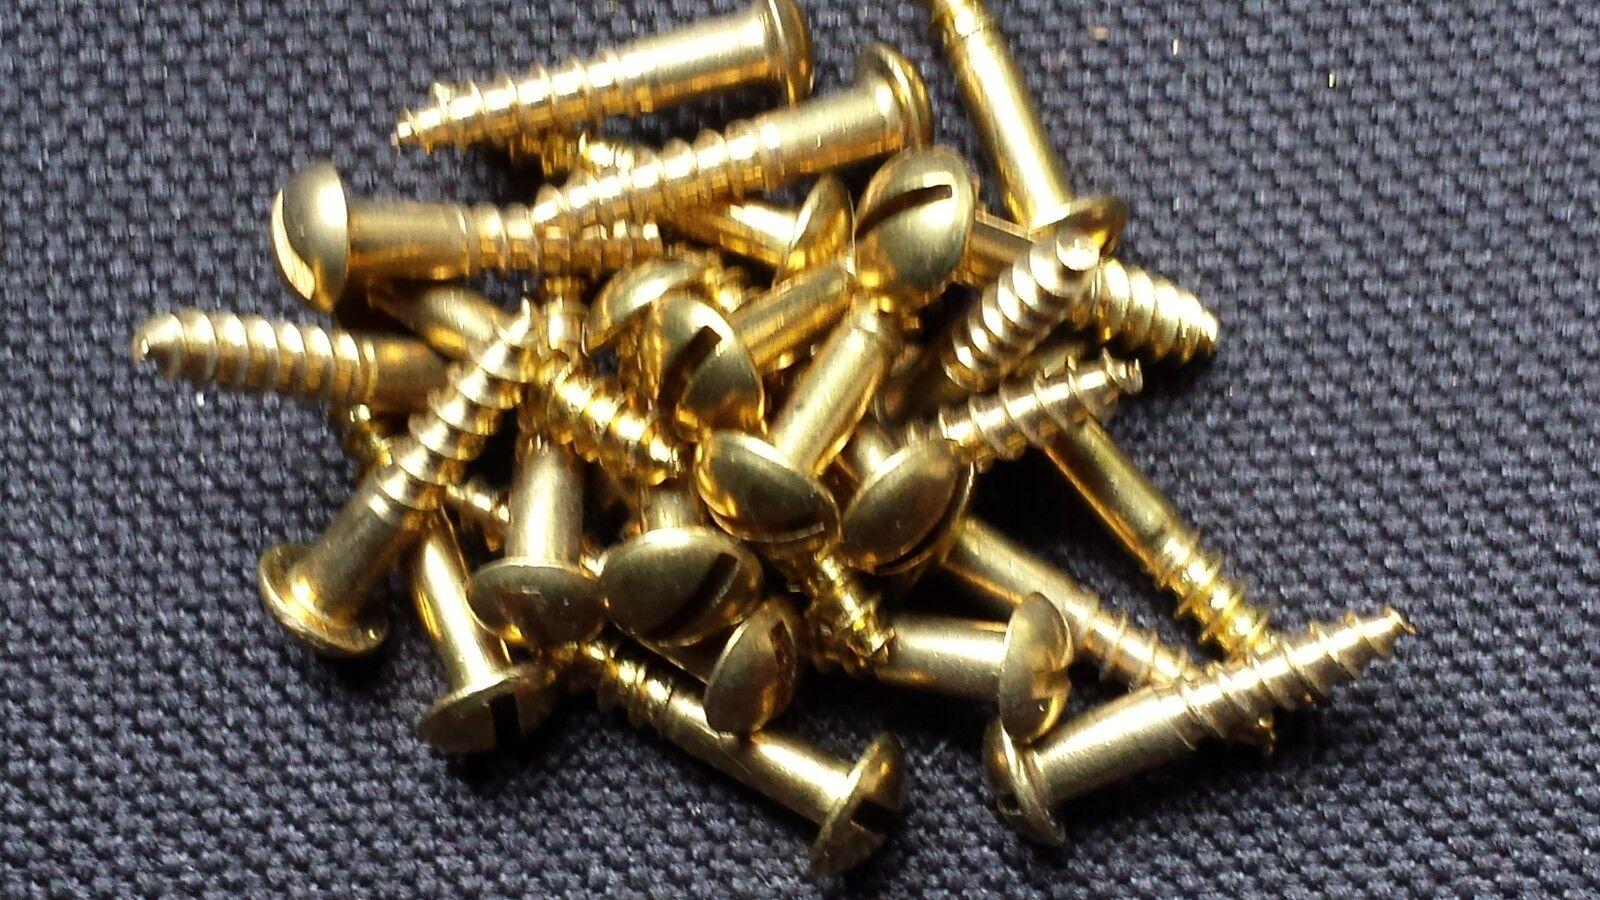 20 St/ück Messing Schraube 3,0 x 25 mm Halbrundkopf DIN 96 Holzschraube